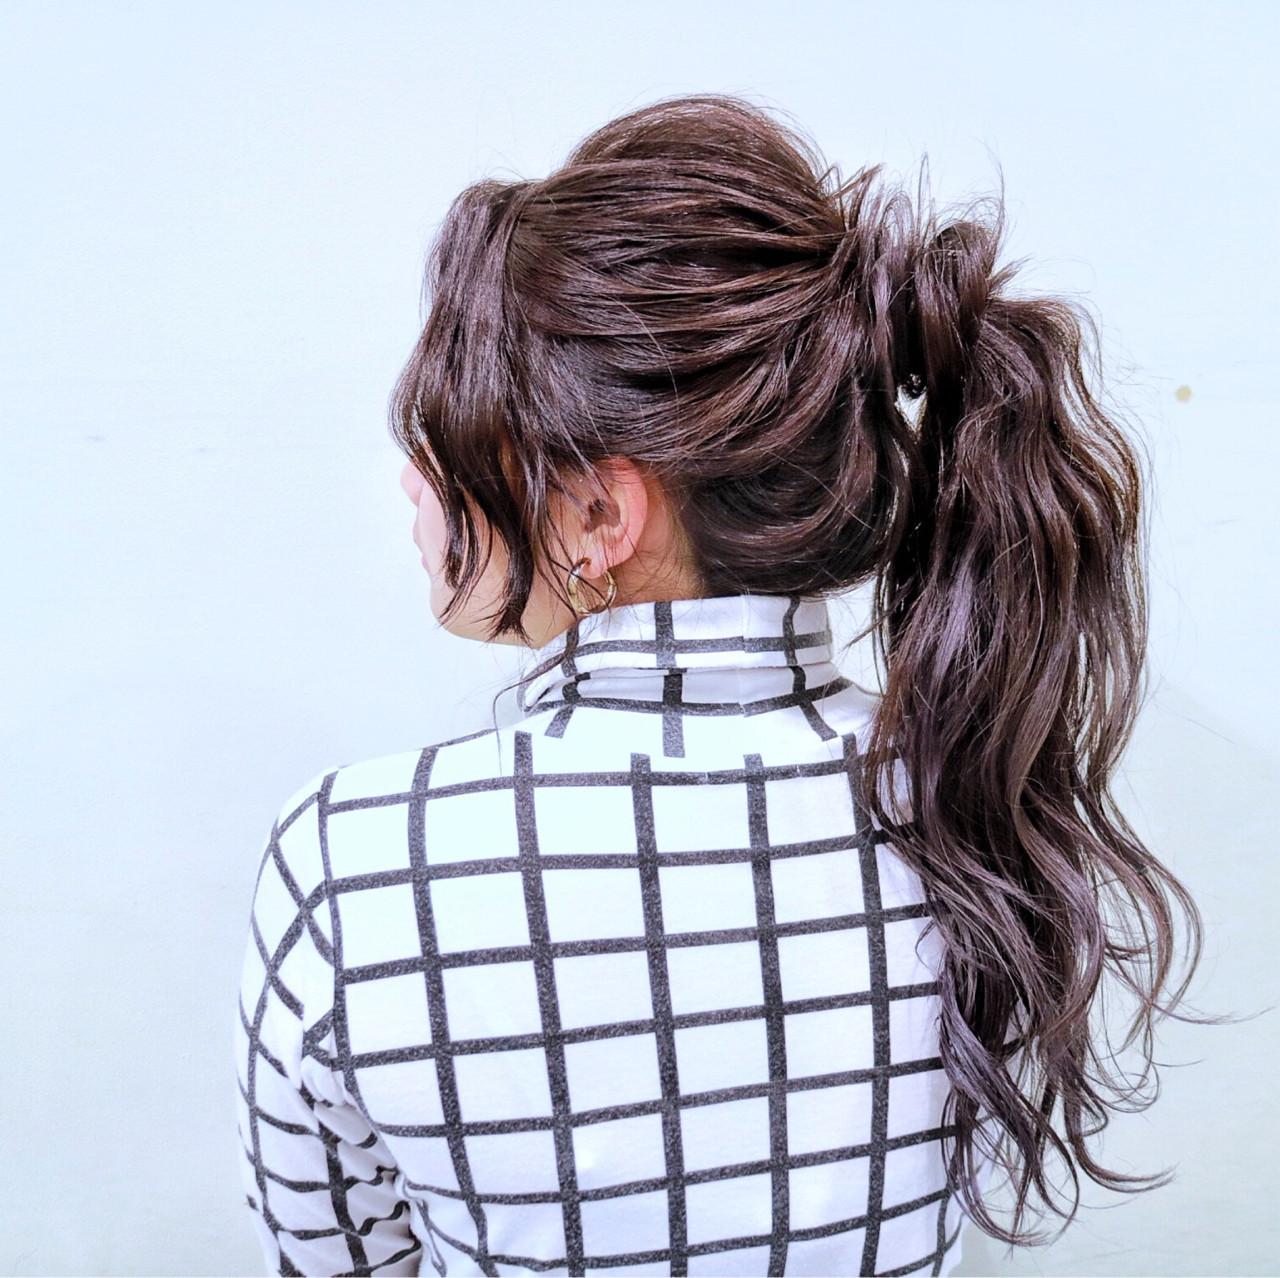 ヘアアレンジ フェミニン ロング デート ヘアスタイルや髪型の写真・画像